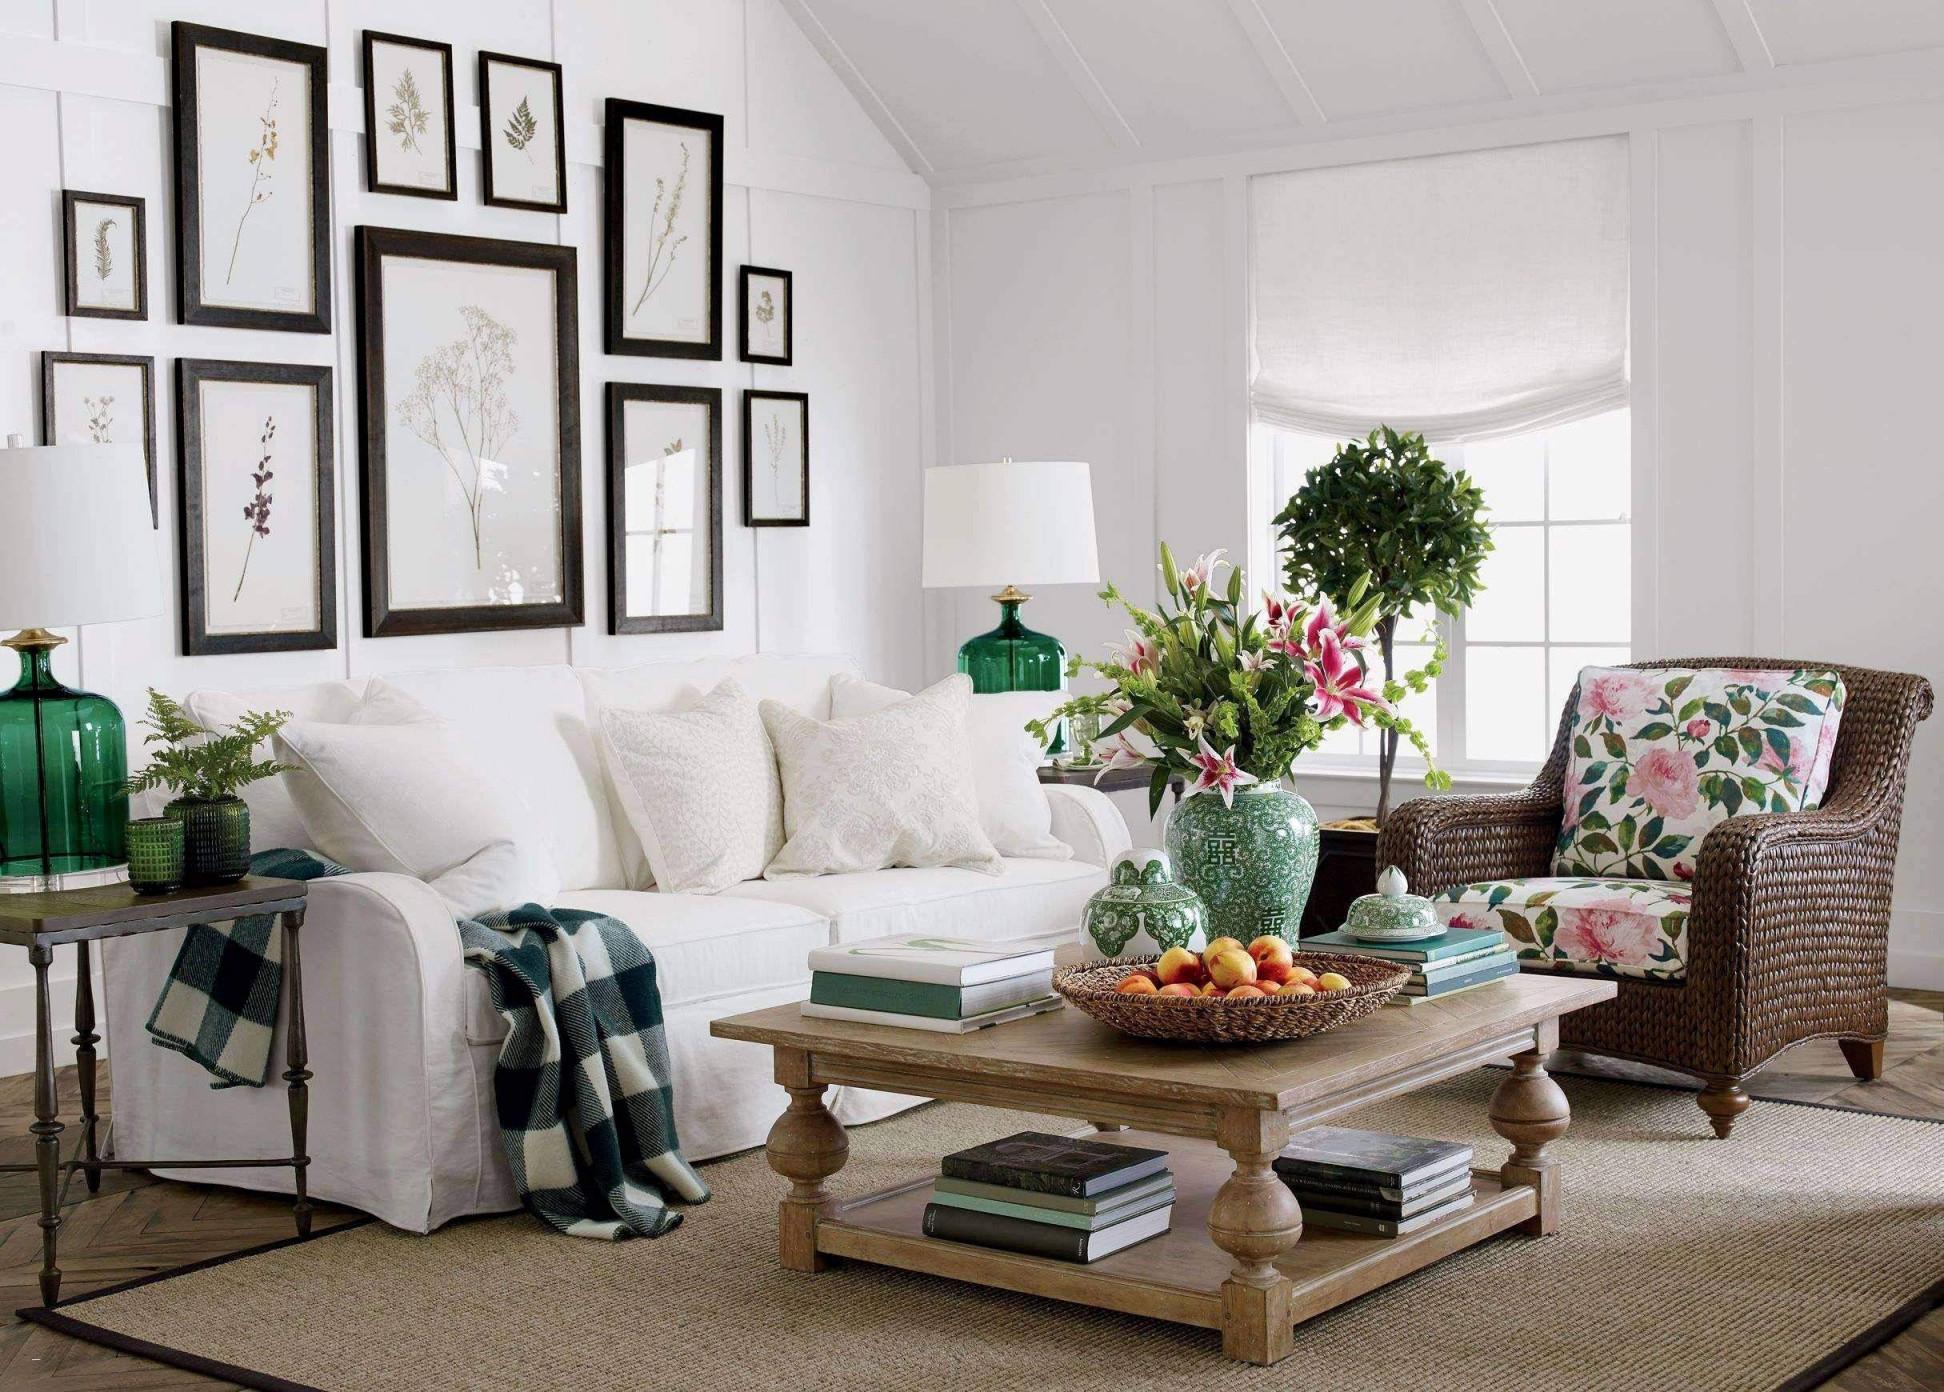 Ikea Wohnzimmer Tisch Frisch Dekoration Wohnzimmertisch von Deko Für Tisch Wohnzimmer Photo